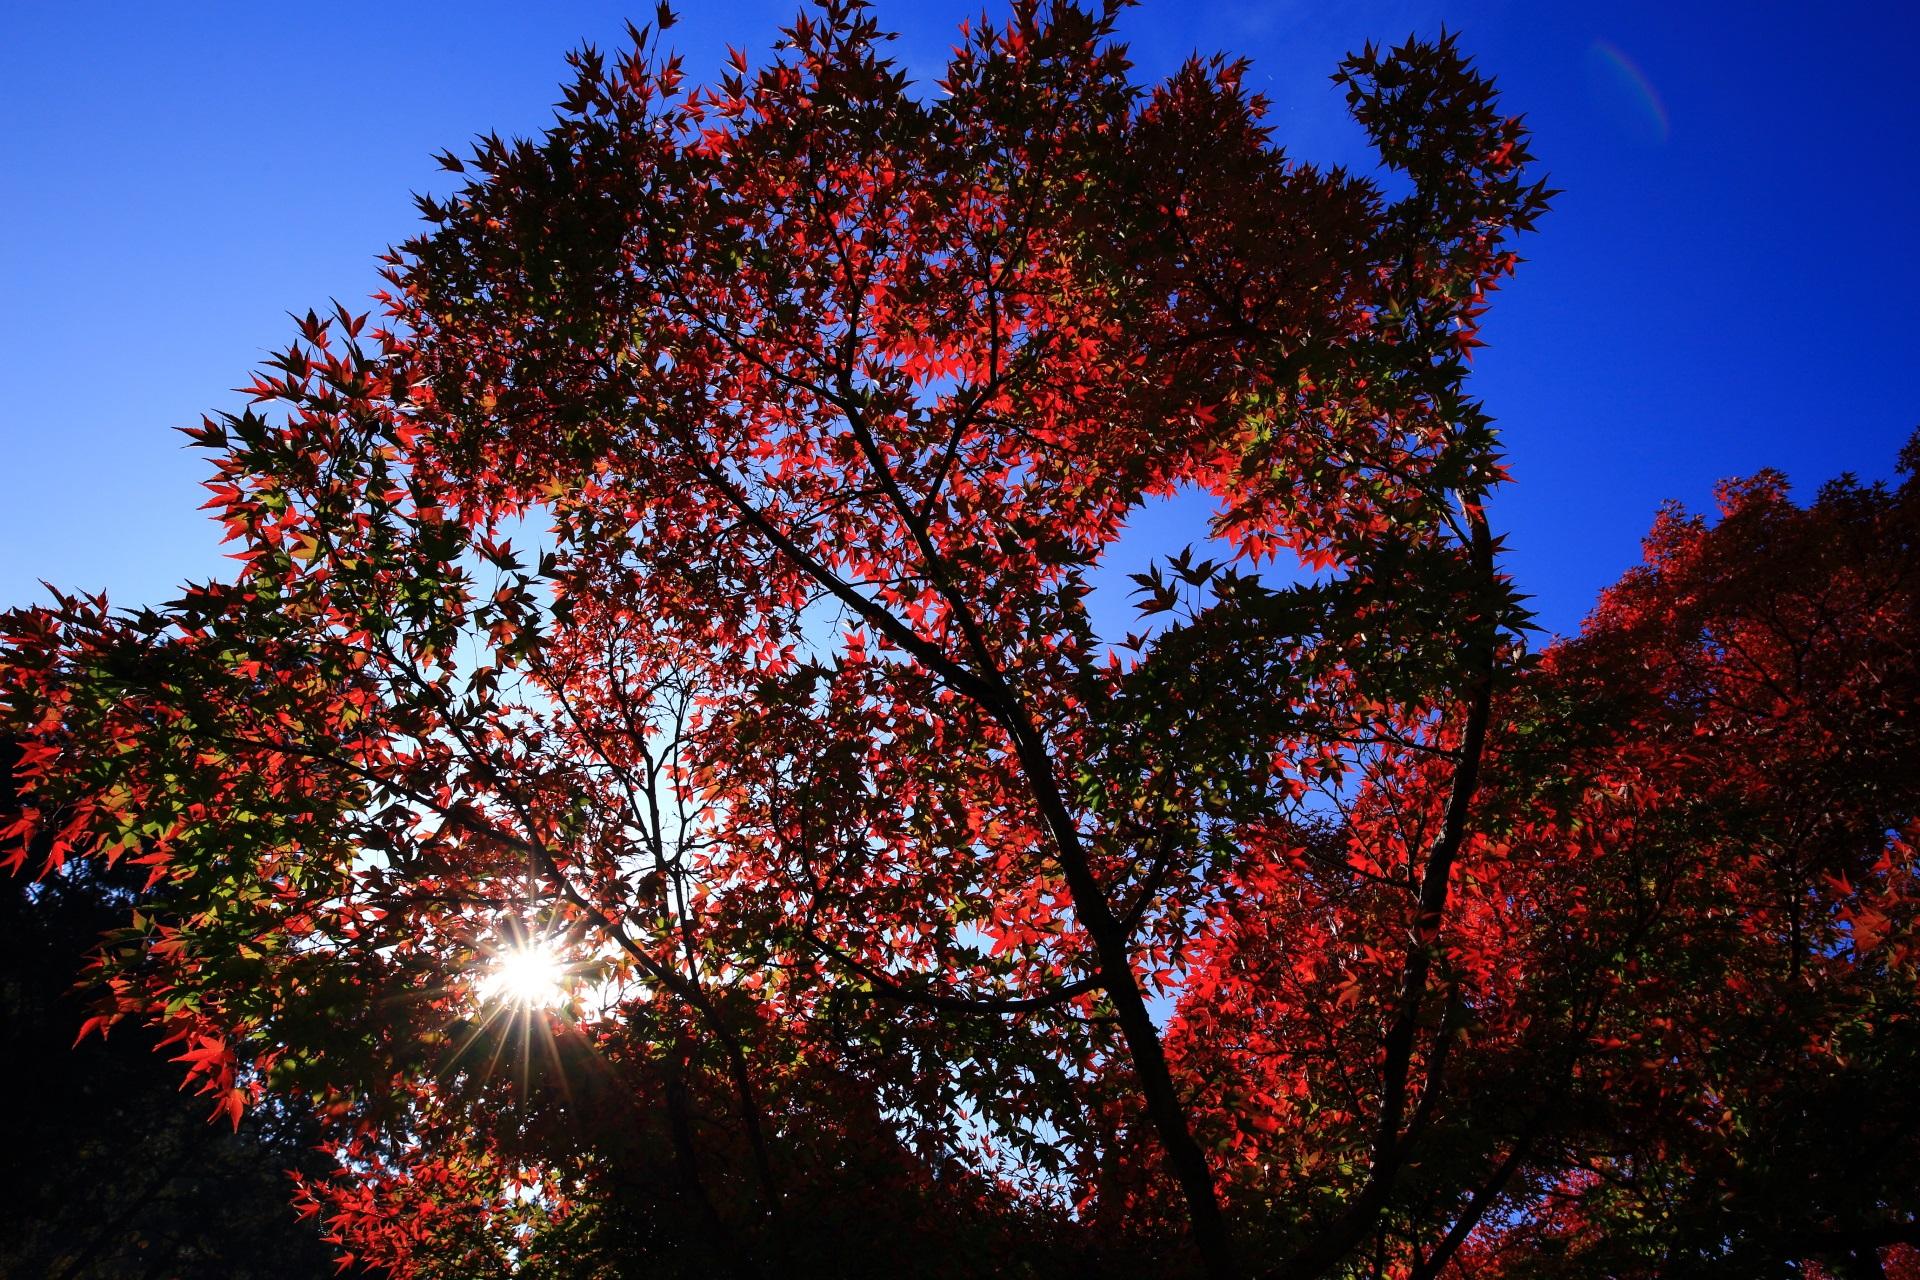 色づく紅葉と太陽とシルエット